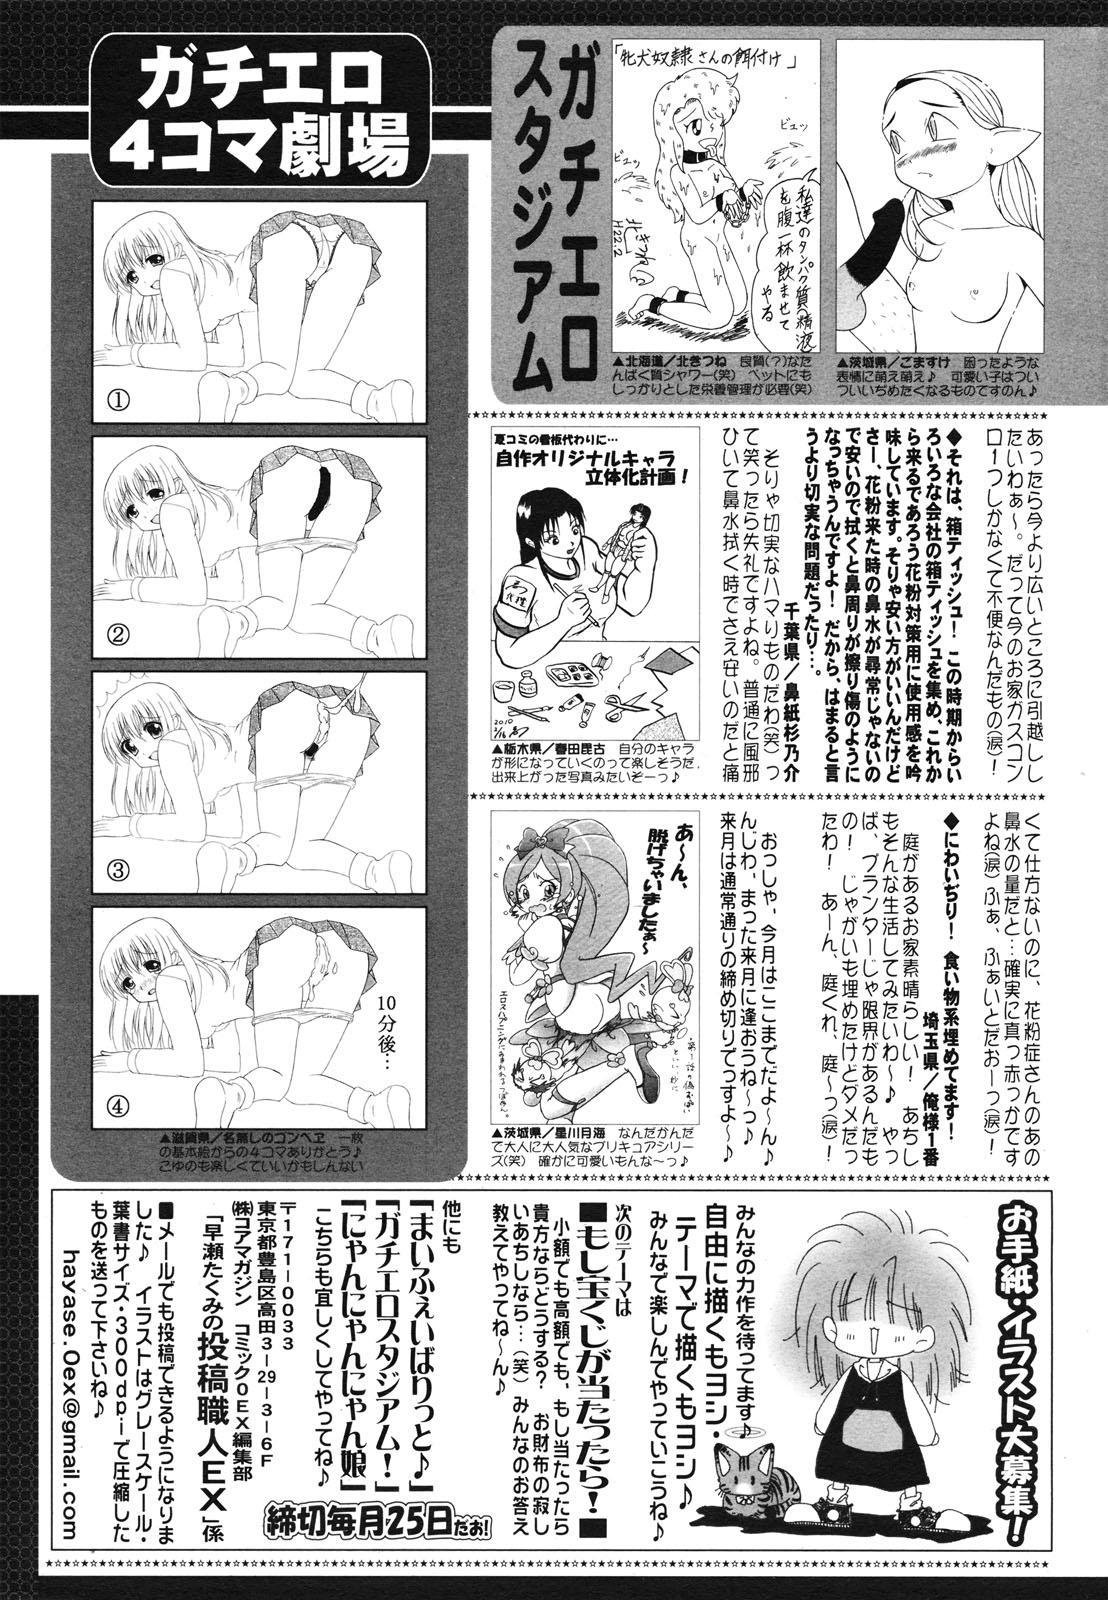 COMIC 0EX Vol. 28 2010-04 388